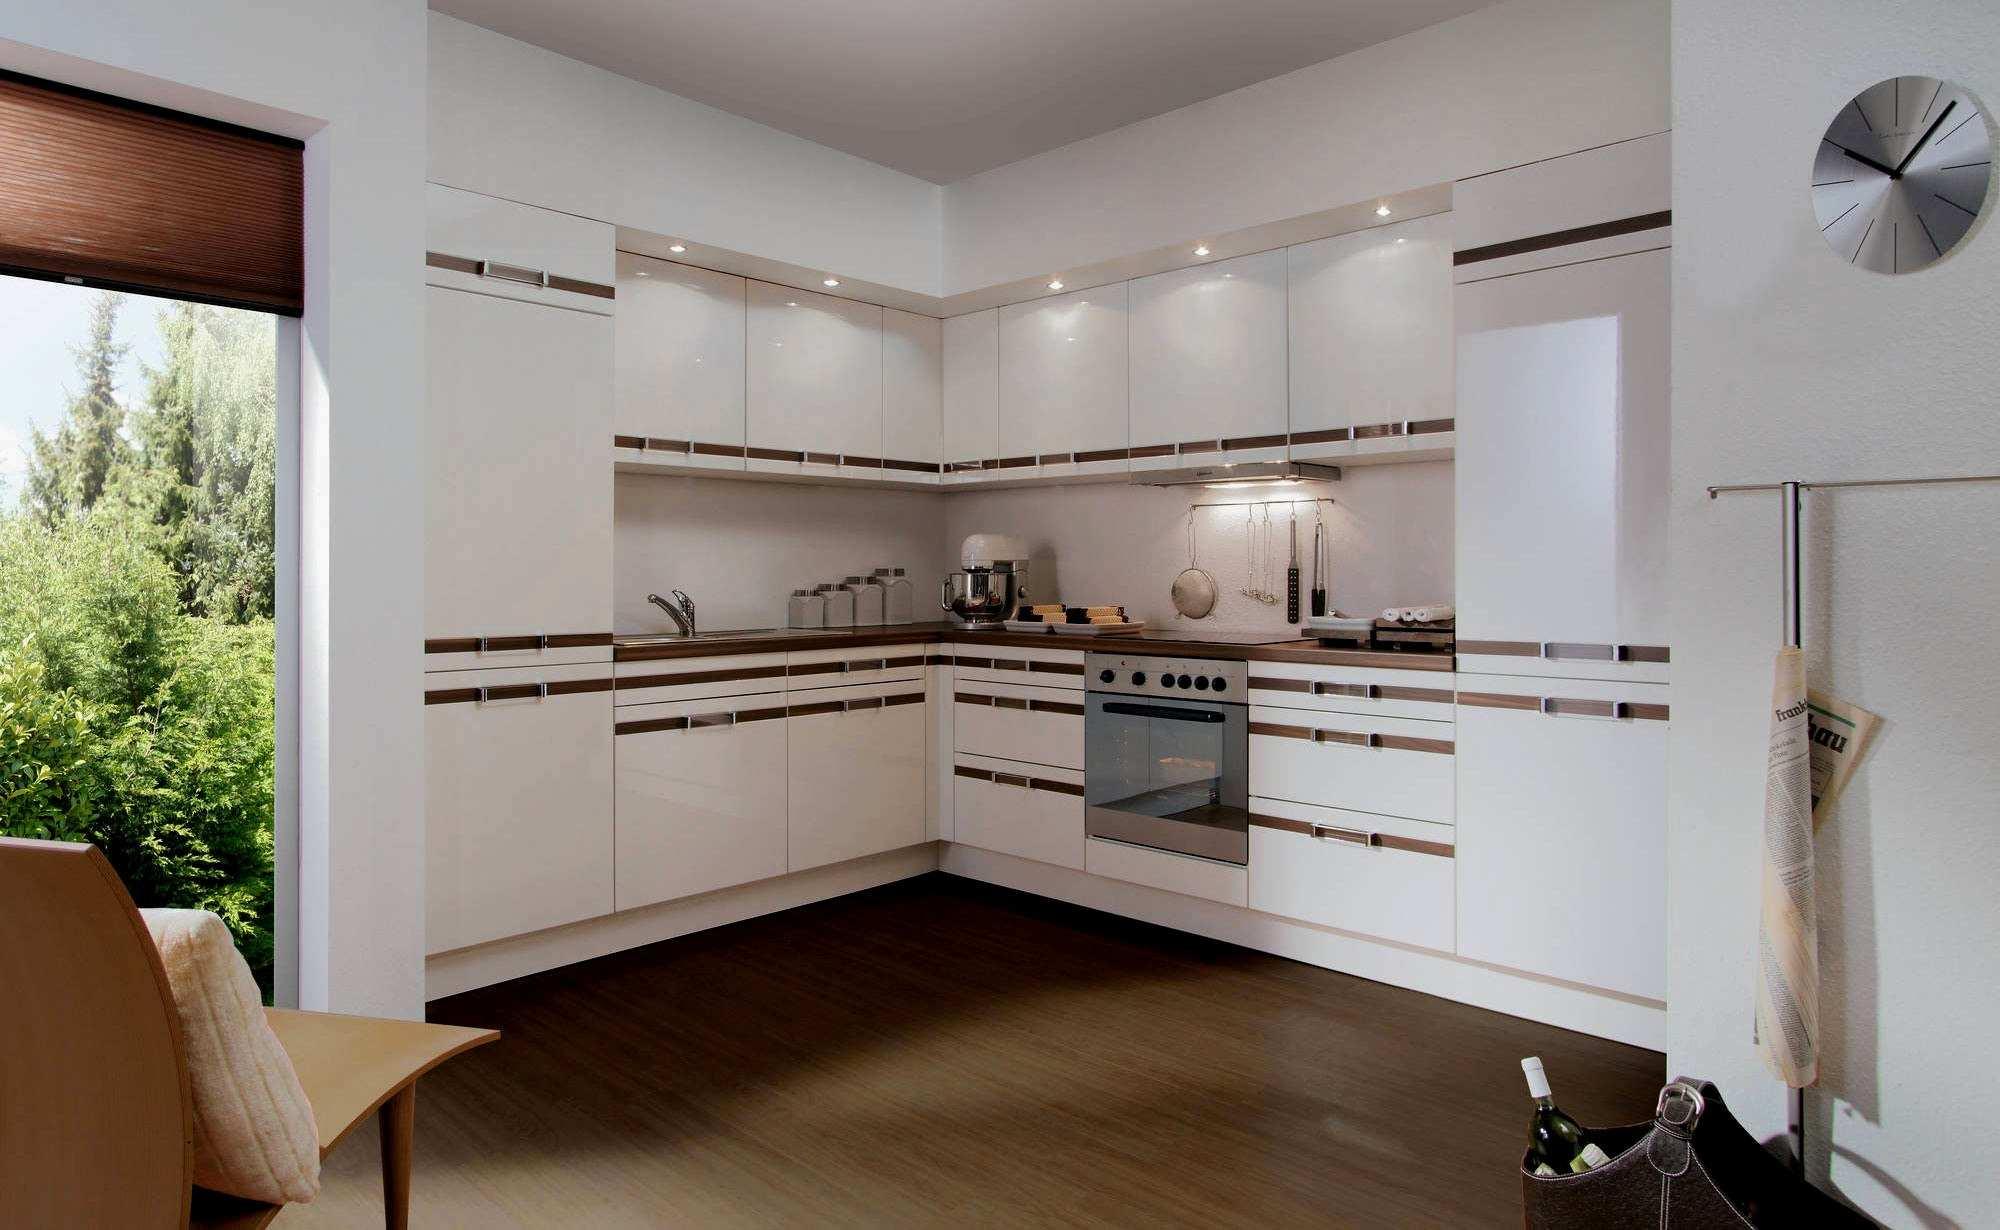 Full Size of Kuchen Eckschrank Rondell Ersatzteile Caseconradcom Nobilia Kche Küche Bad Schlafzimmer Küchen Regal Wohnzimmer Küchen Eckschrank Rondell